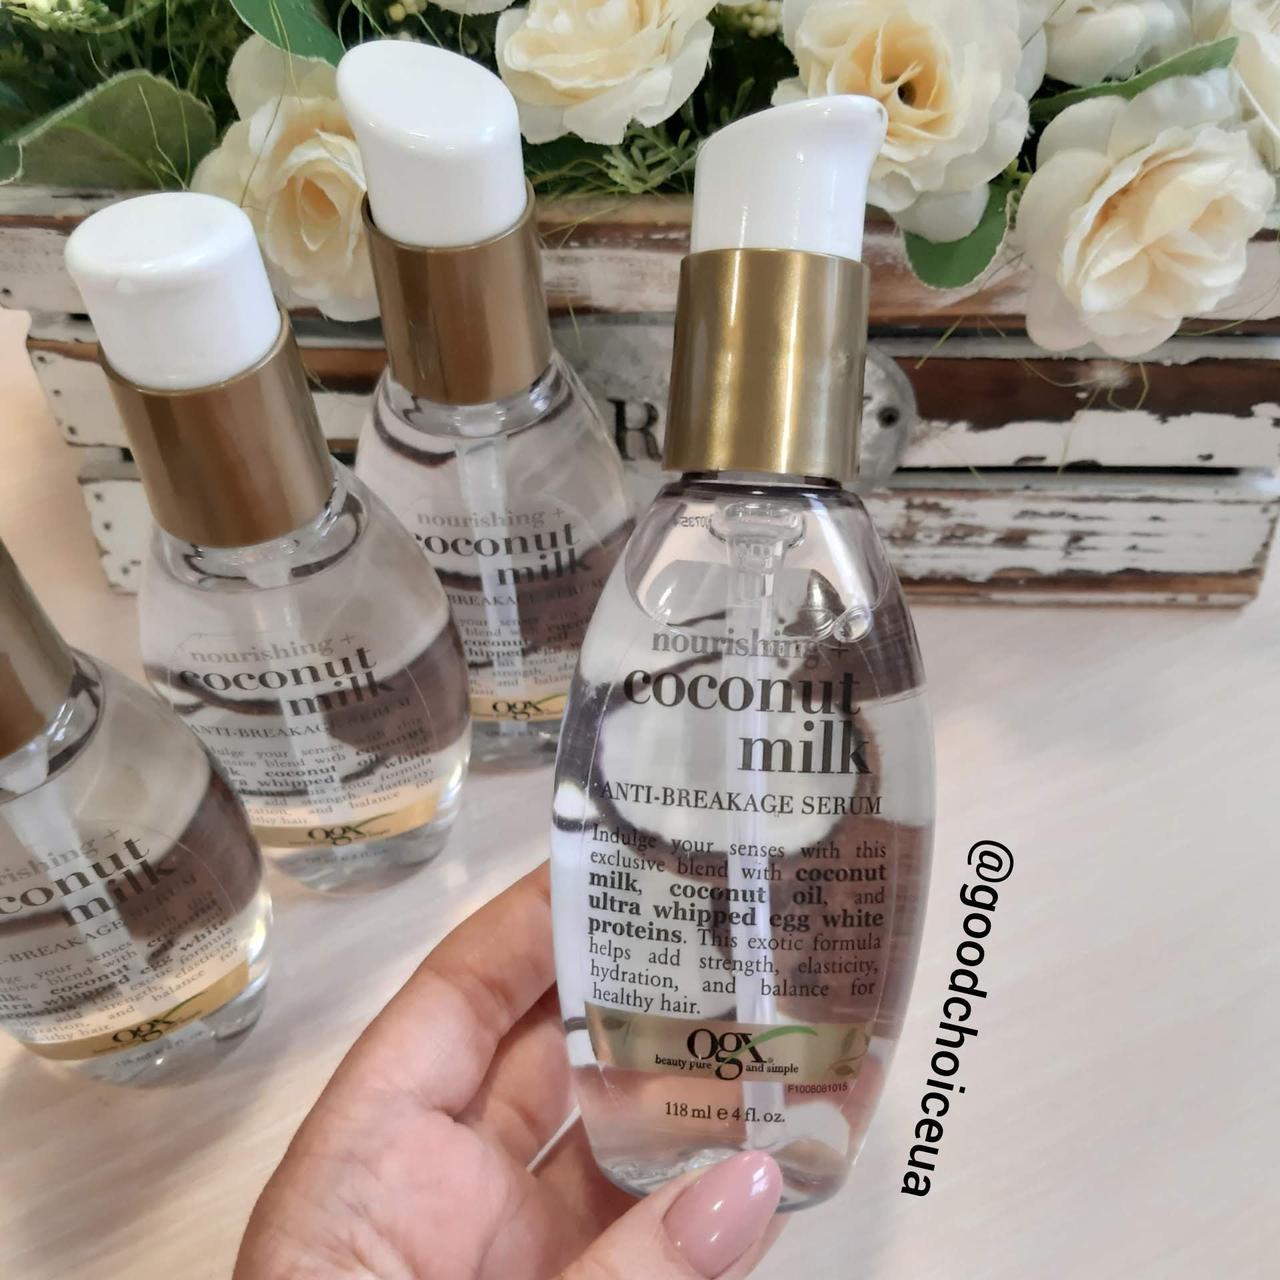 Защитная сыворотка для волос с кокосовым маслом OGX Coconut Anti Breakage Serum